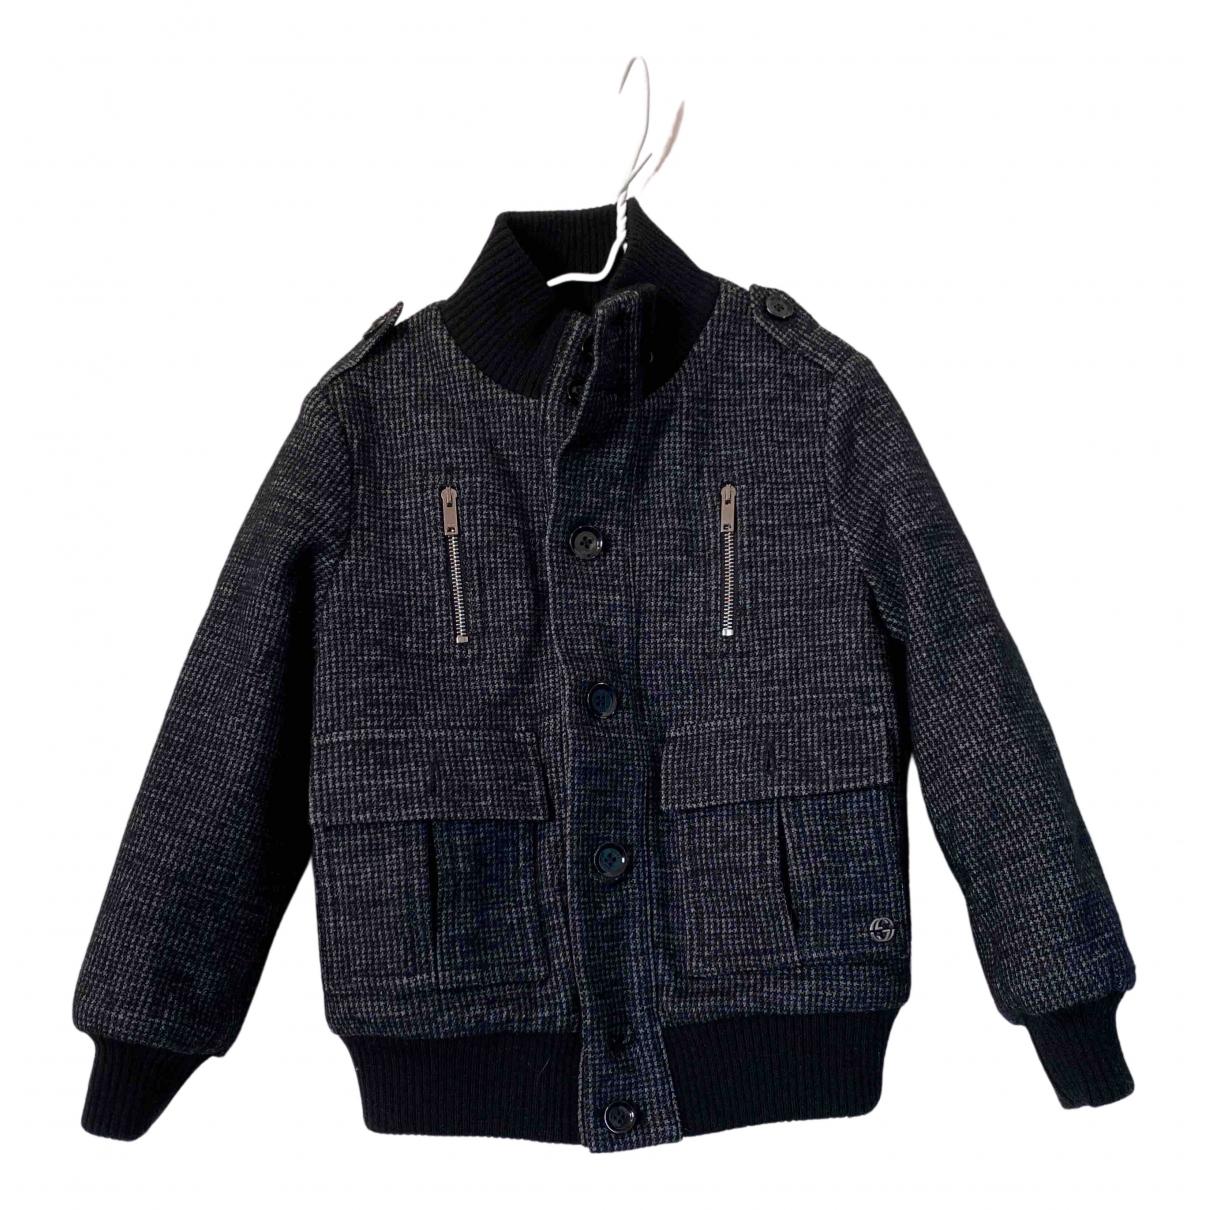 Gucci - Blousons.Manteaux   pour enfant en laine - noir